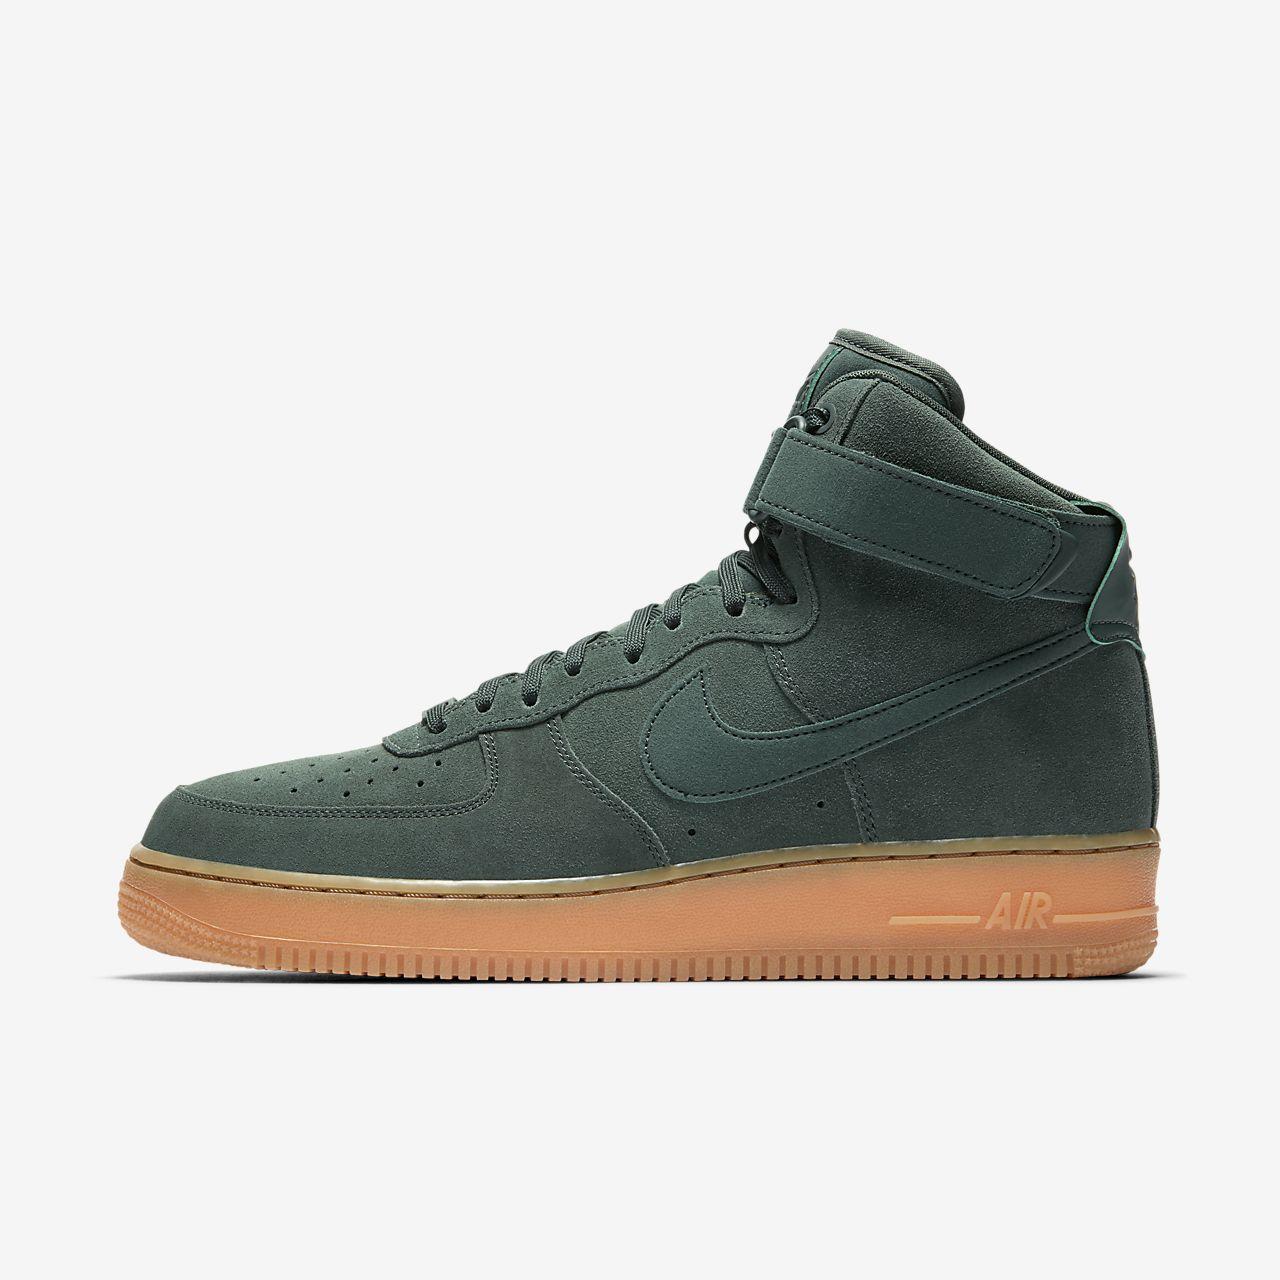 quality design 59010 abf8f Nike Air Force 1 High 07 LV8 Suede – sko til mænd